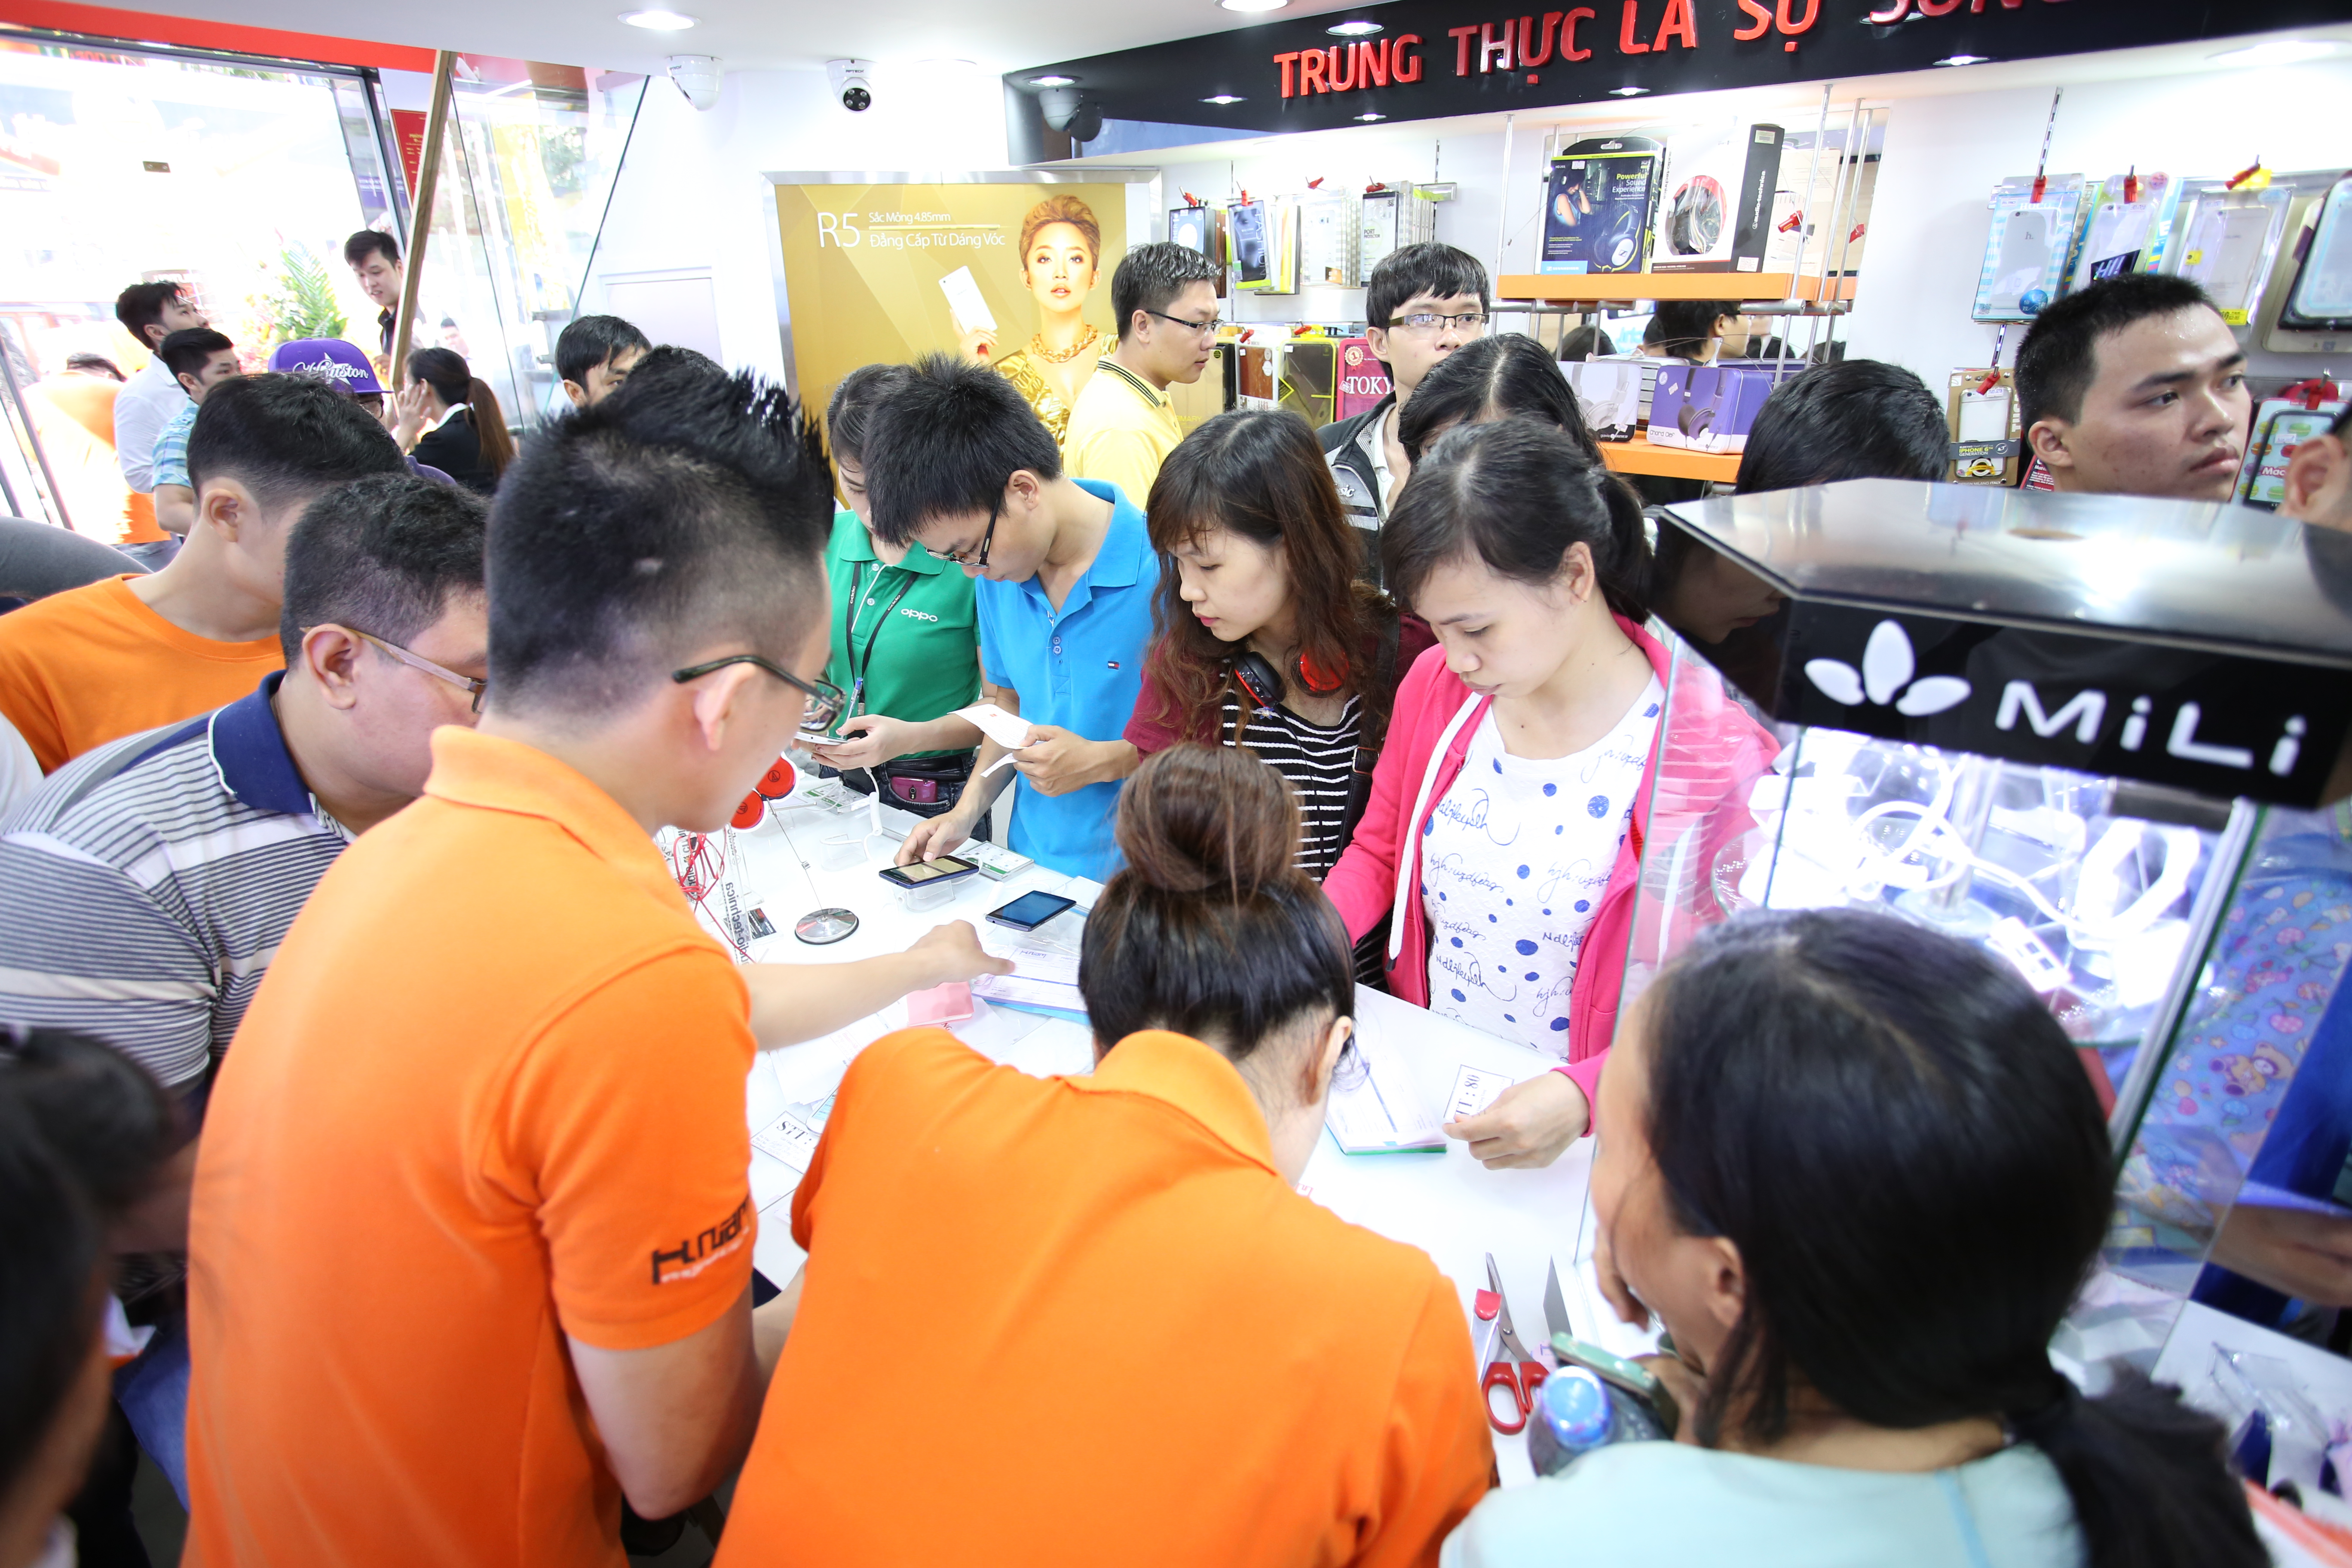 Hnam Mobile mở bán nước hoa chính hãng giá cực ưu đãi hình 3